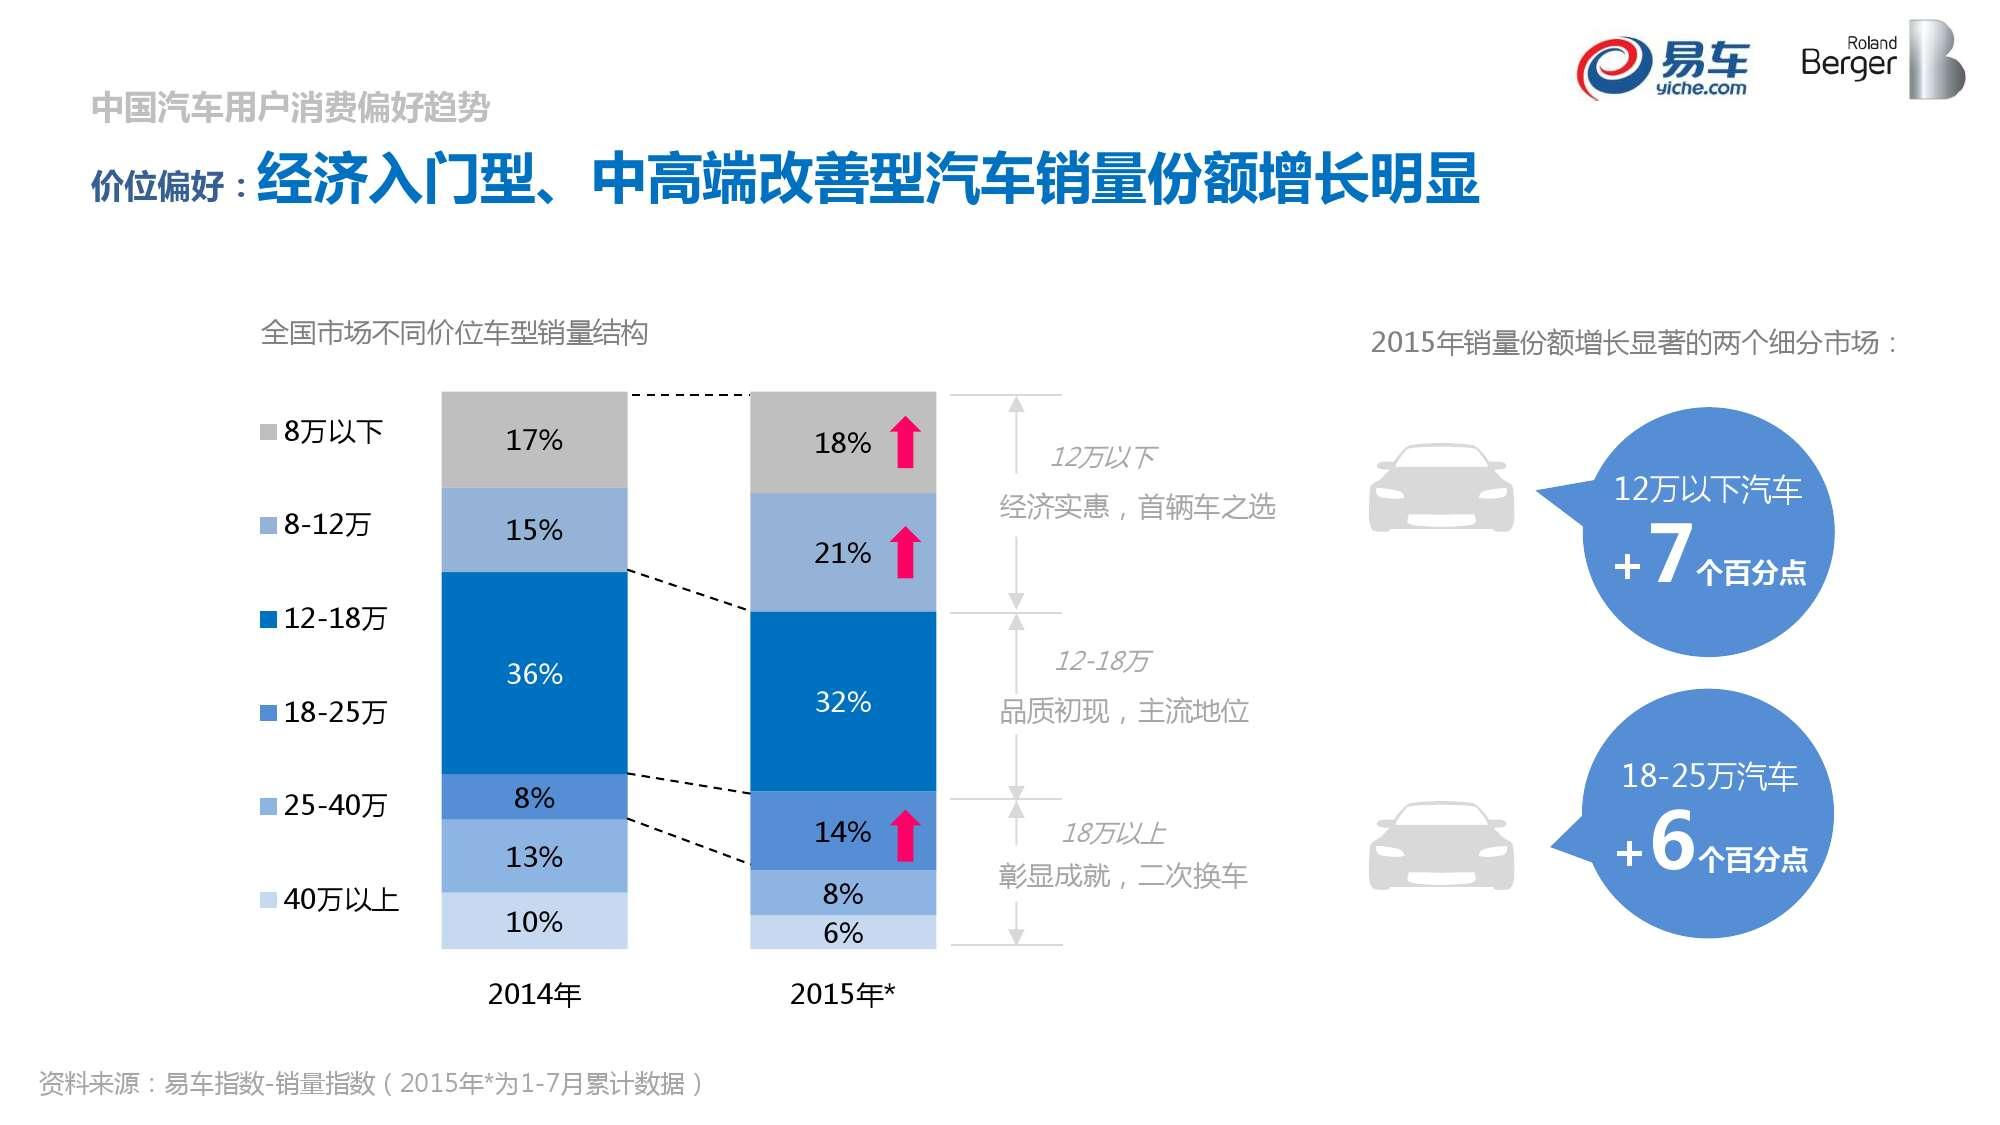 2015中国汽车消费者洞察报告_000008